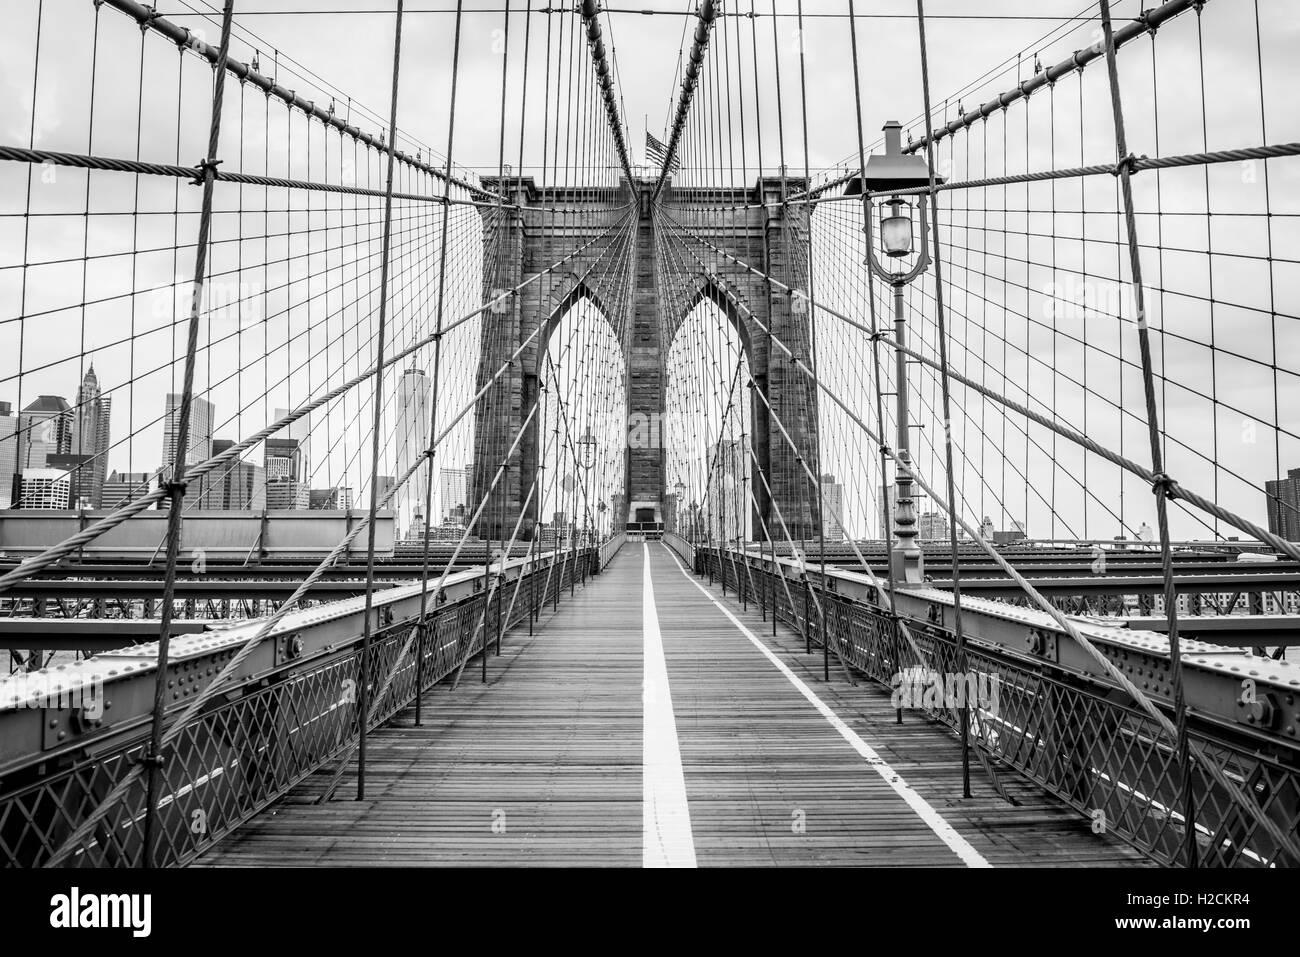 Puente de Manhattan, Nueva York. Arquitectura en blanco y negro y la Fotografía Histórica. Fotografía Imagen De Stock